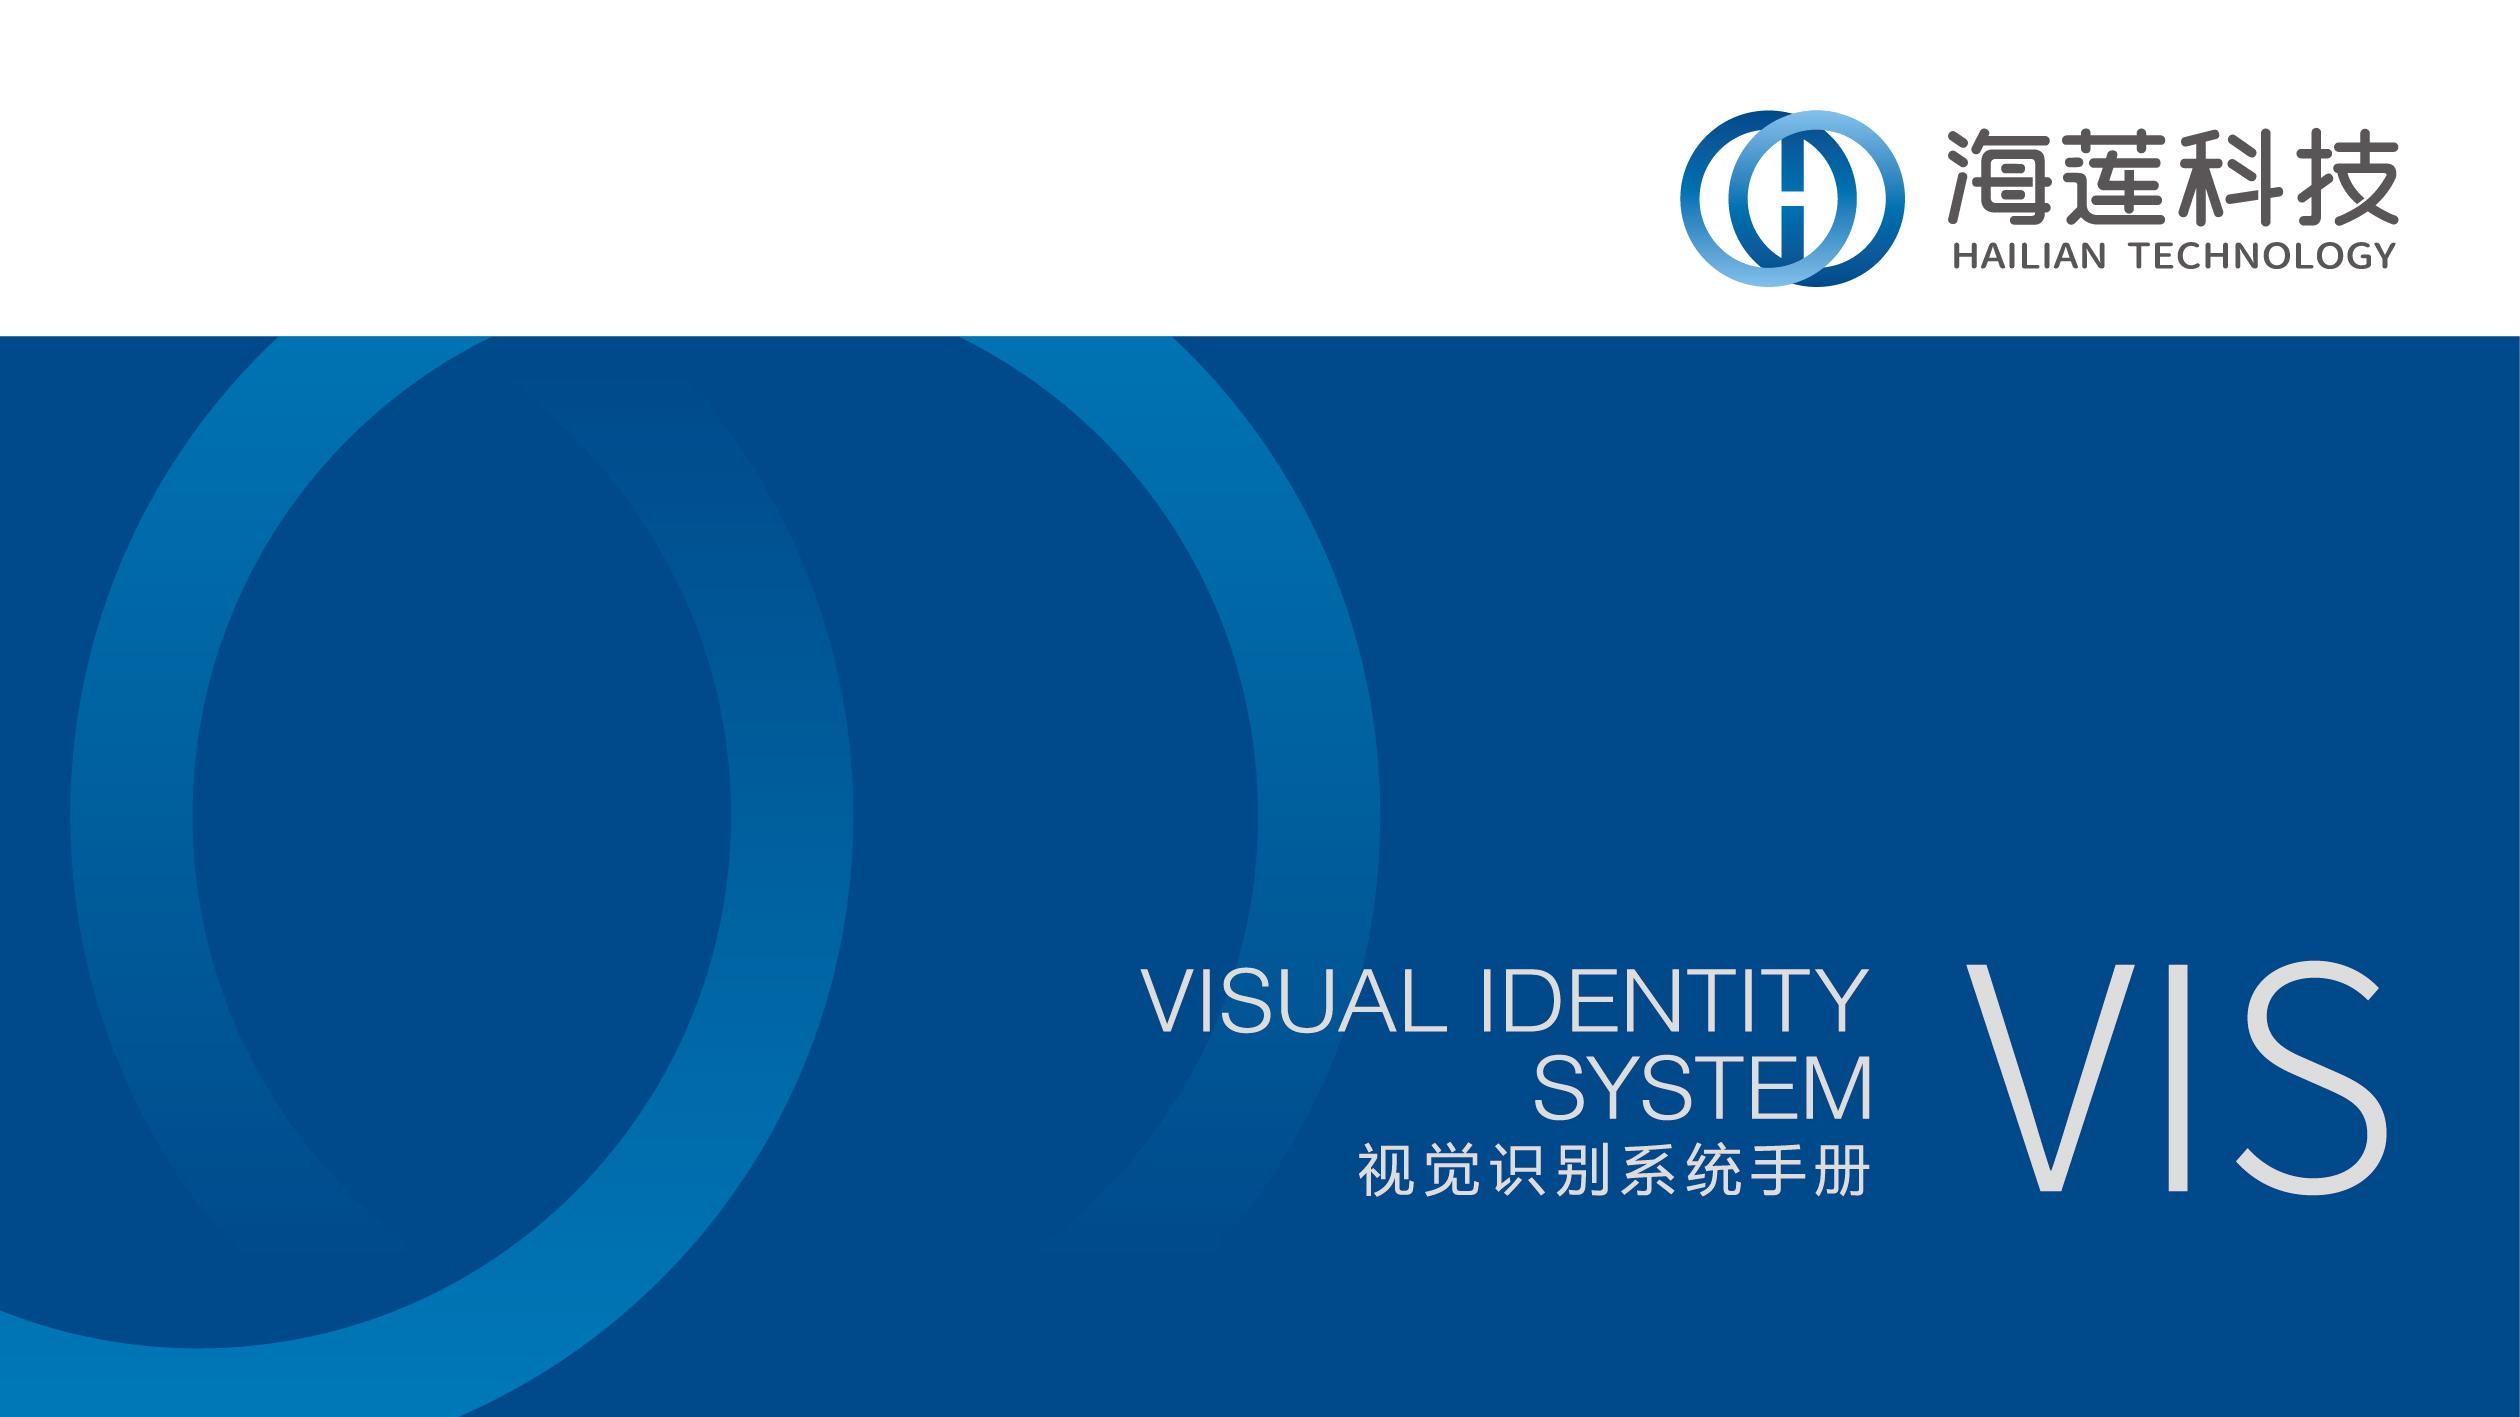 金卡智能信息科技集团VI设计